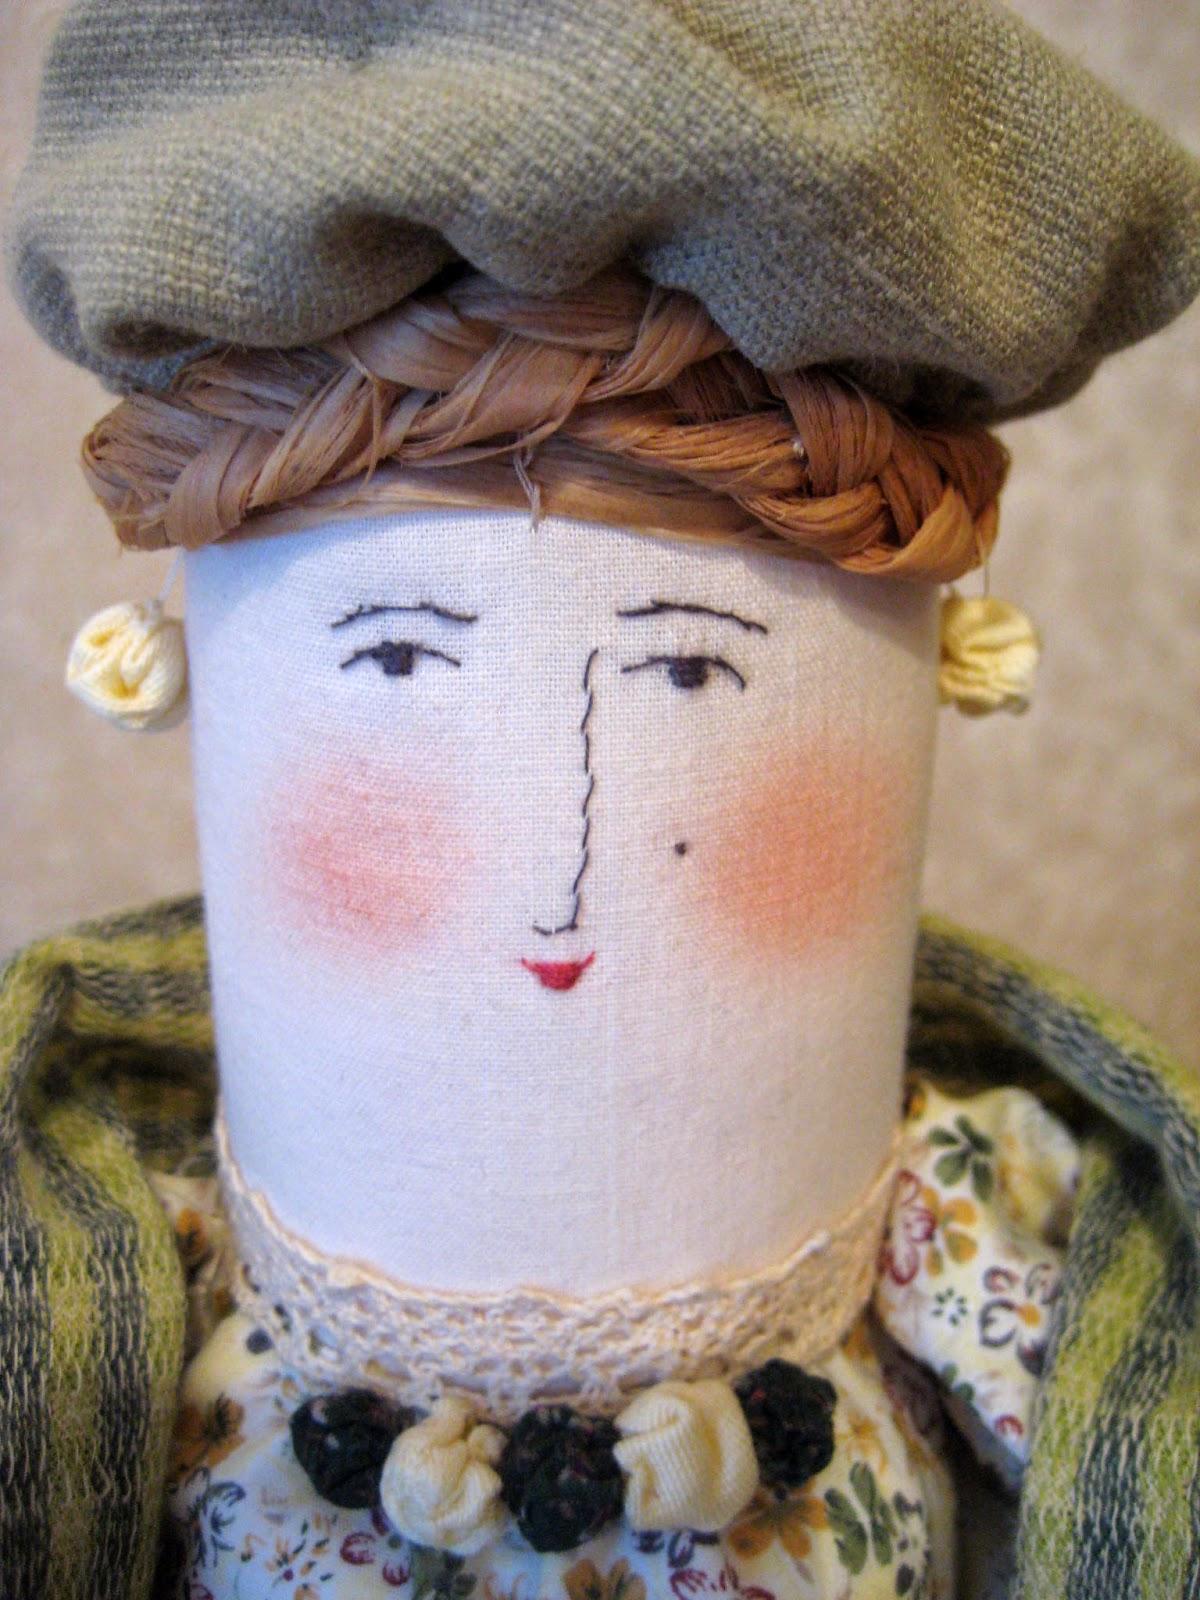 как вышить лицо кукле